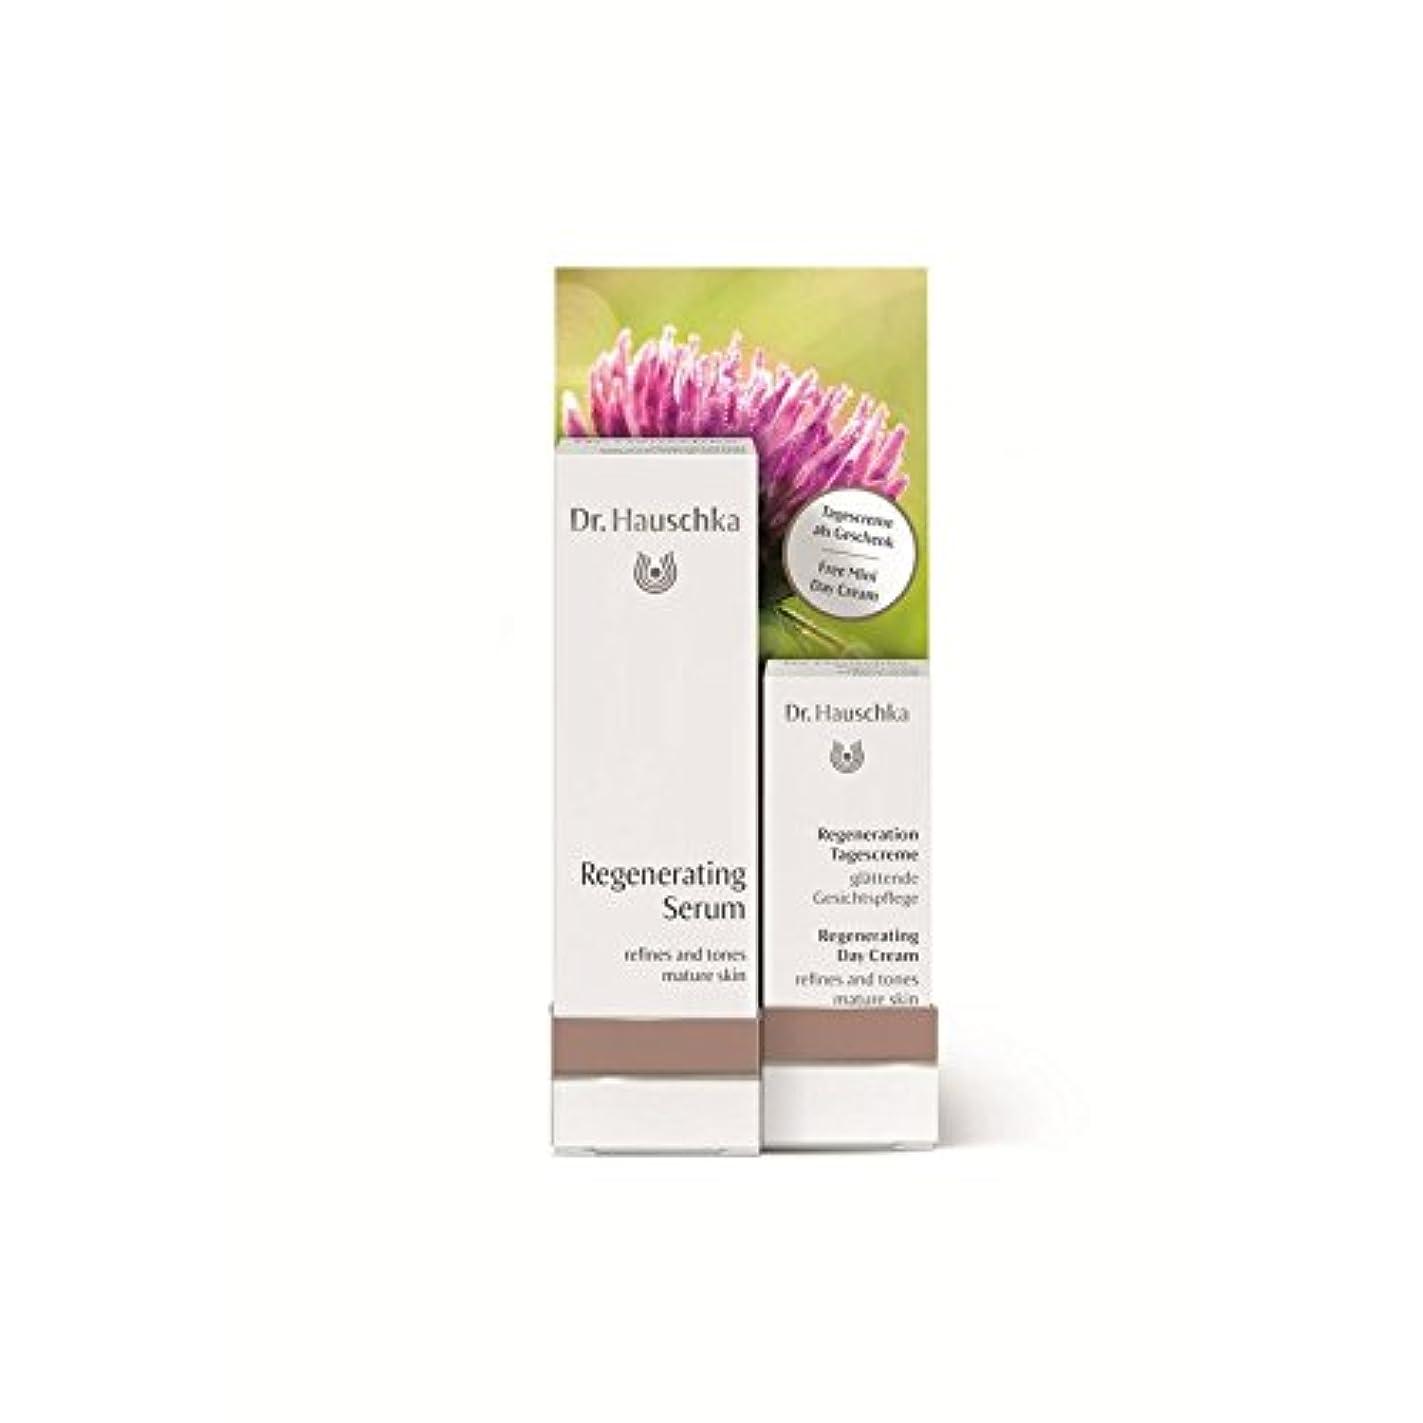 挑発する比較的ペダル無料の再生デイクリーム5ミリリットルで血清を再生ハウシュカ x2 - Dr. Hauschka Regenerating Serum with a Free Regenerating Day Cream 5ml (Pack of 2) [並行輸入品]